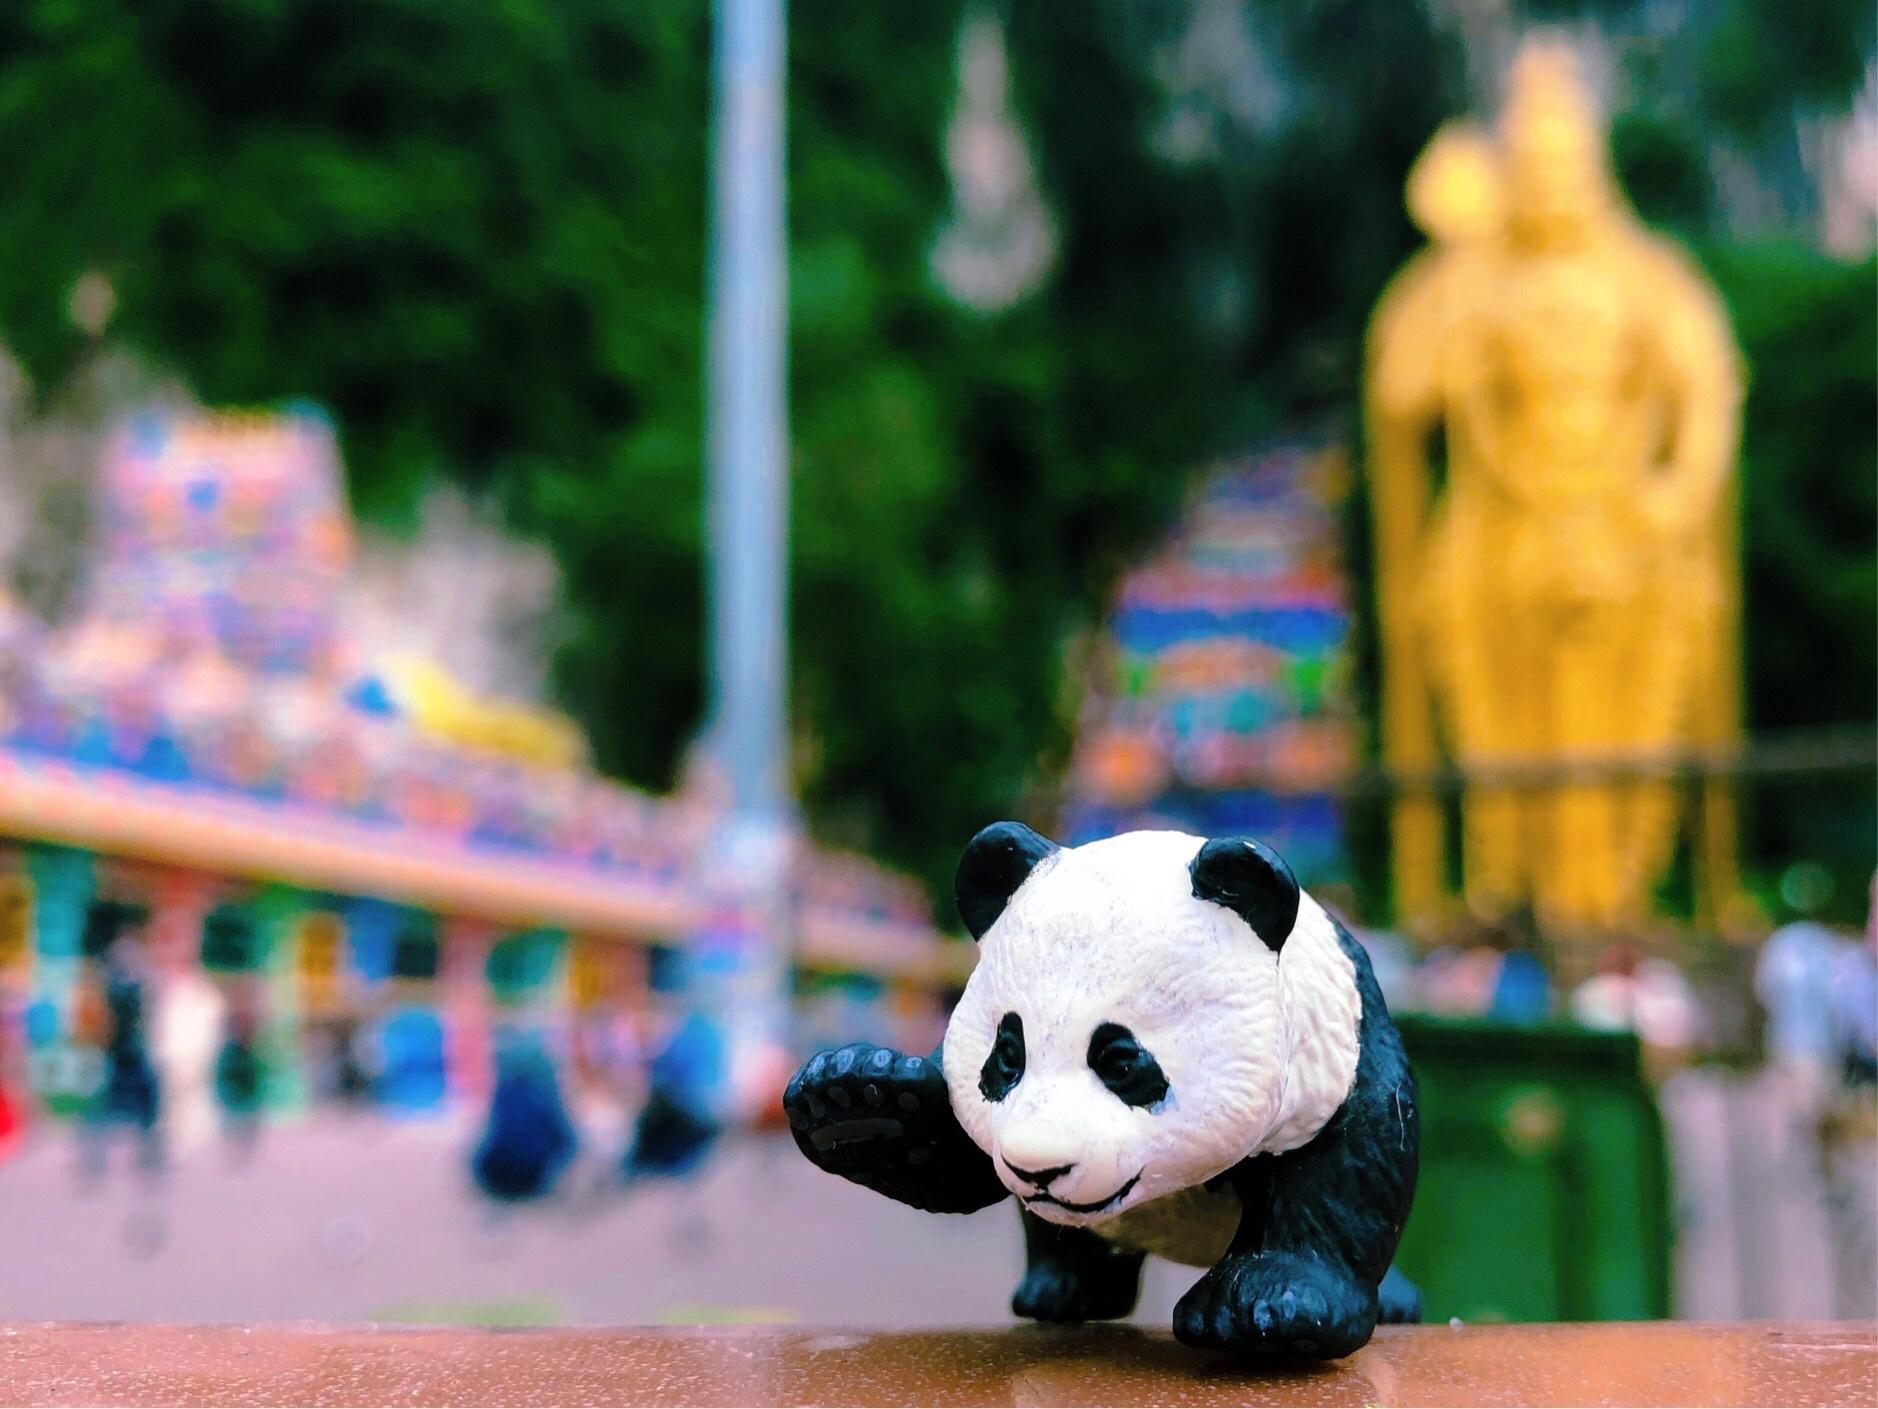 まっしろ子パンダに会いにズーネガラ&カラフルなバトゥ洞窟!!2018年パンダの旅!シンガポール&マレーシア 7日目。